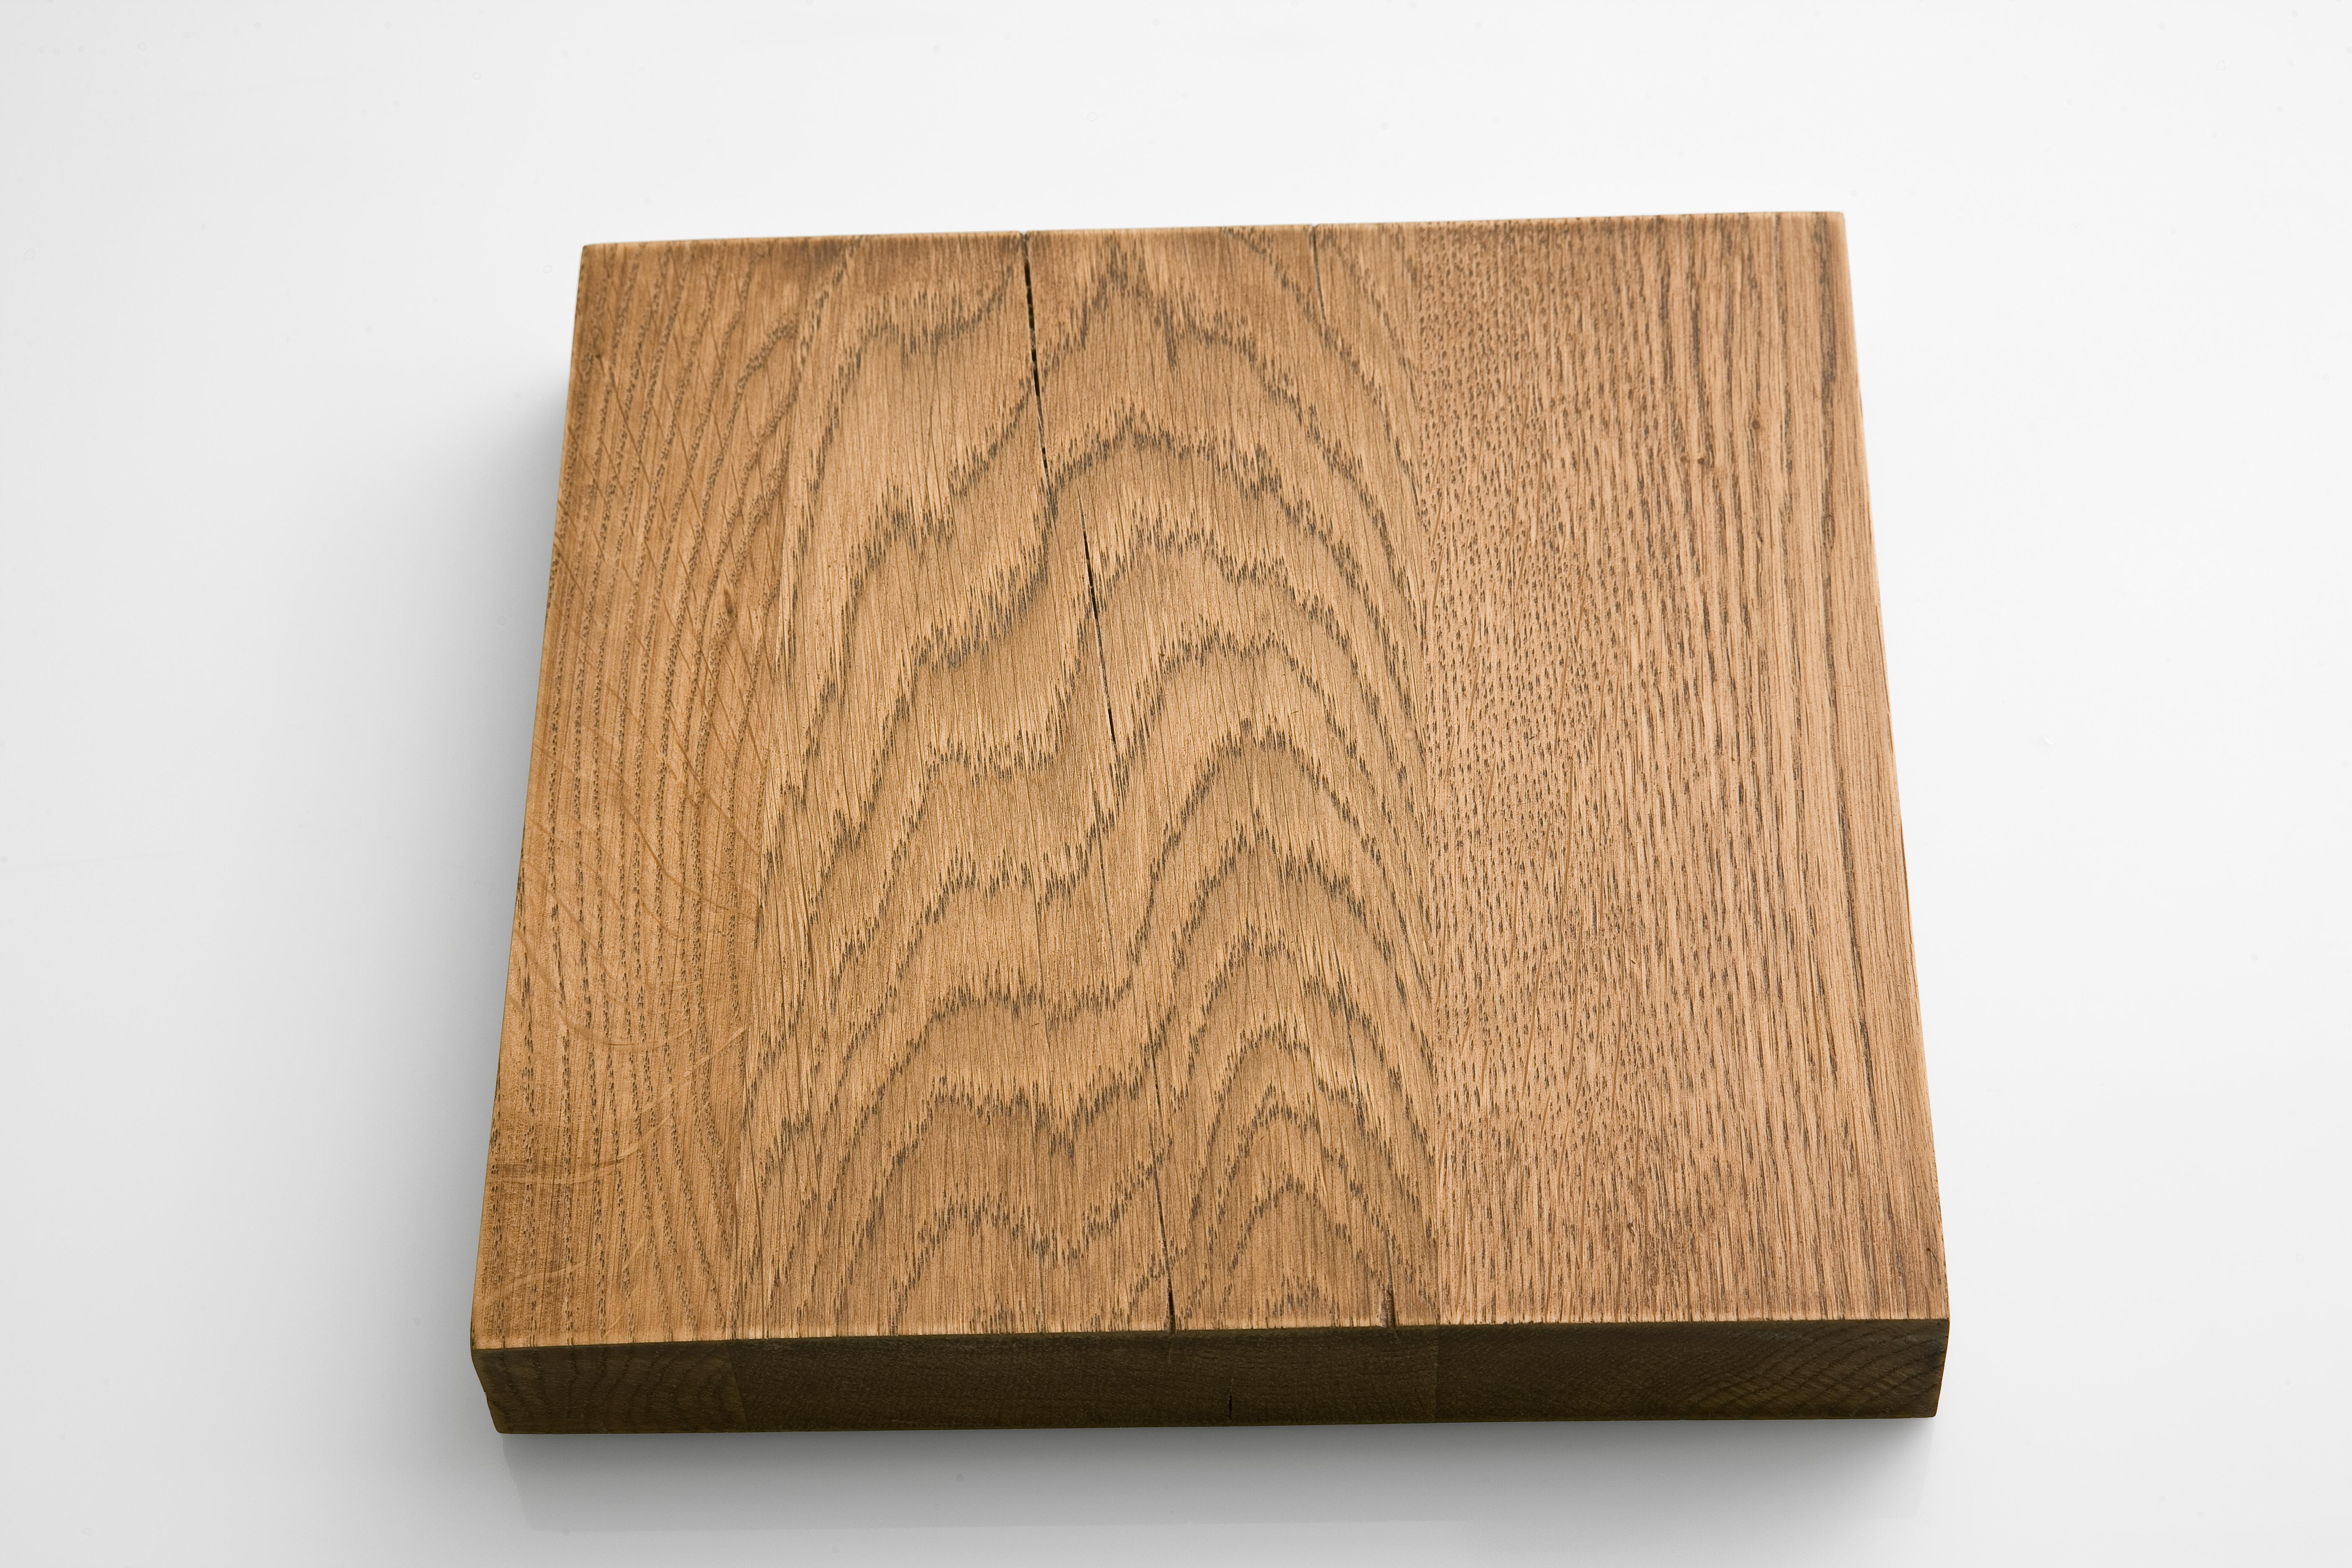 Dubi Esstisch Eiche bassano lackiert 300x120